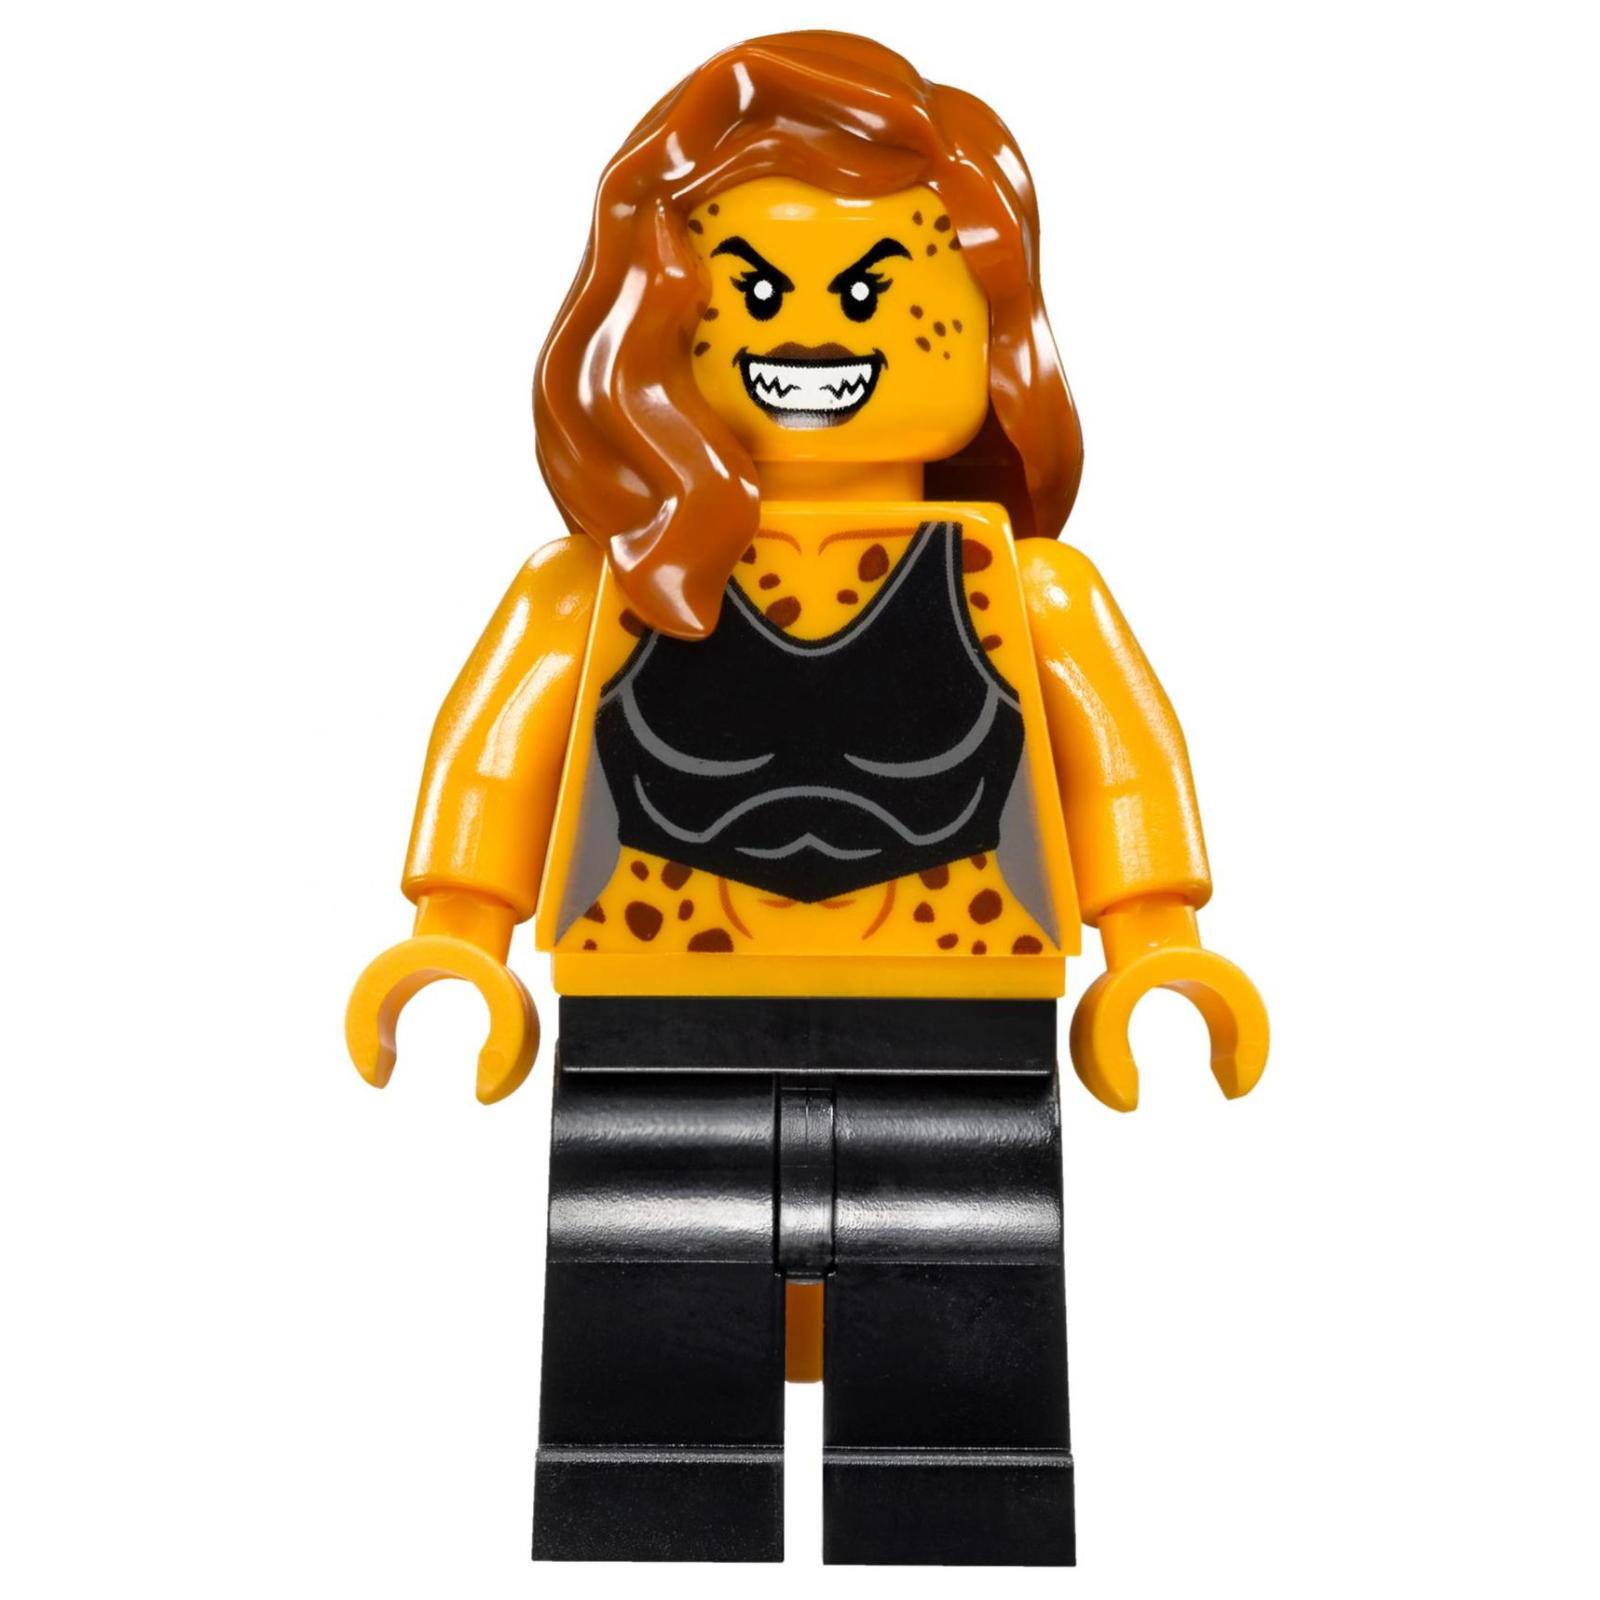 Конструктор LEGO Super Heroes Робоштурм Лекс Лютор (76097) изображение 9